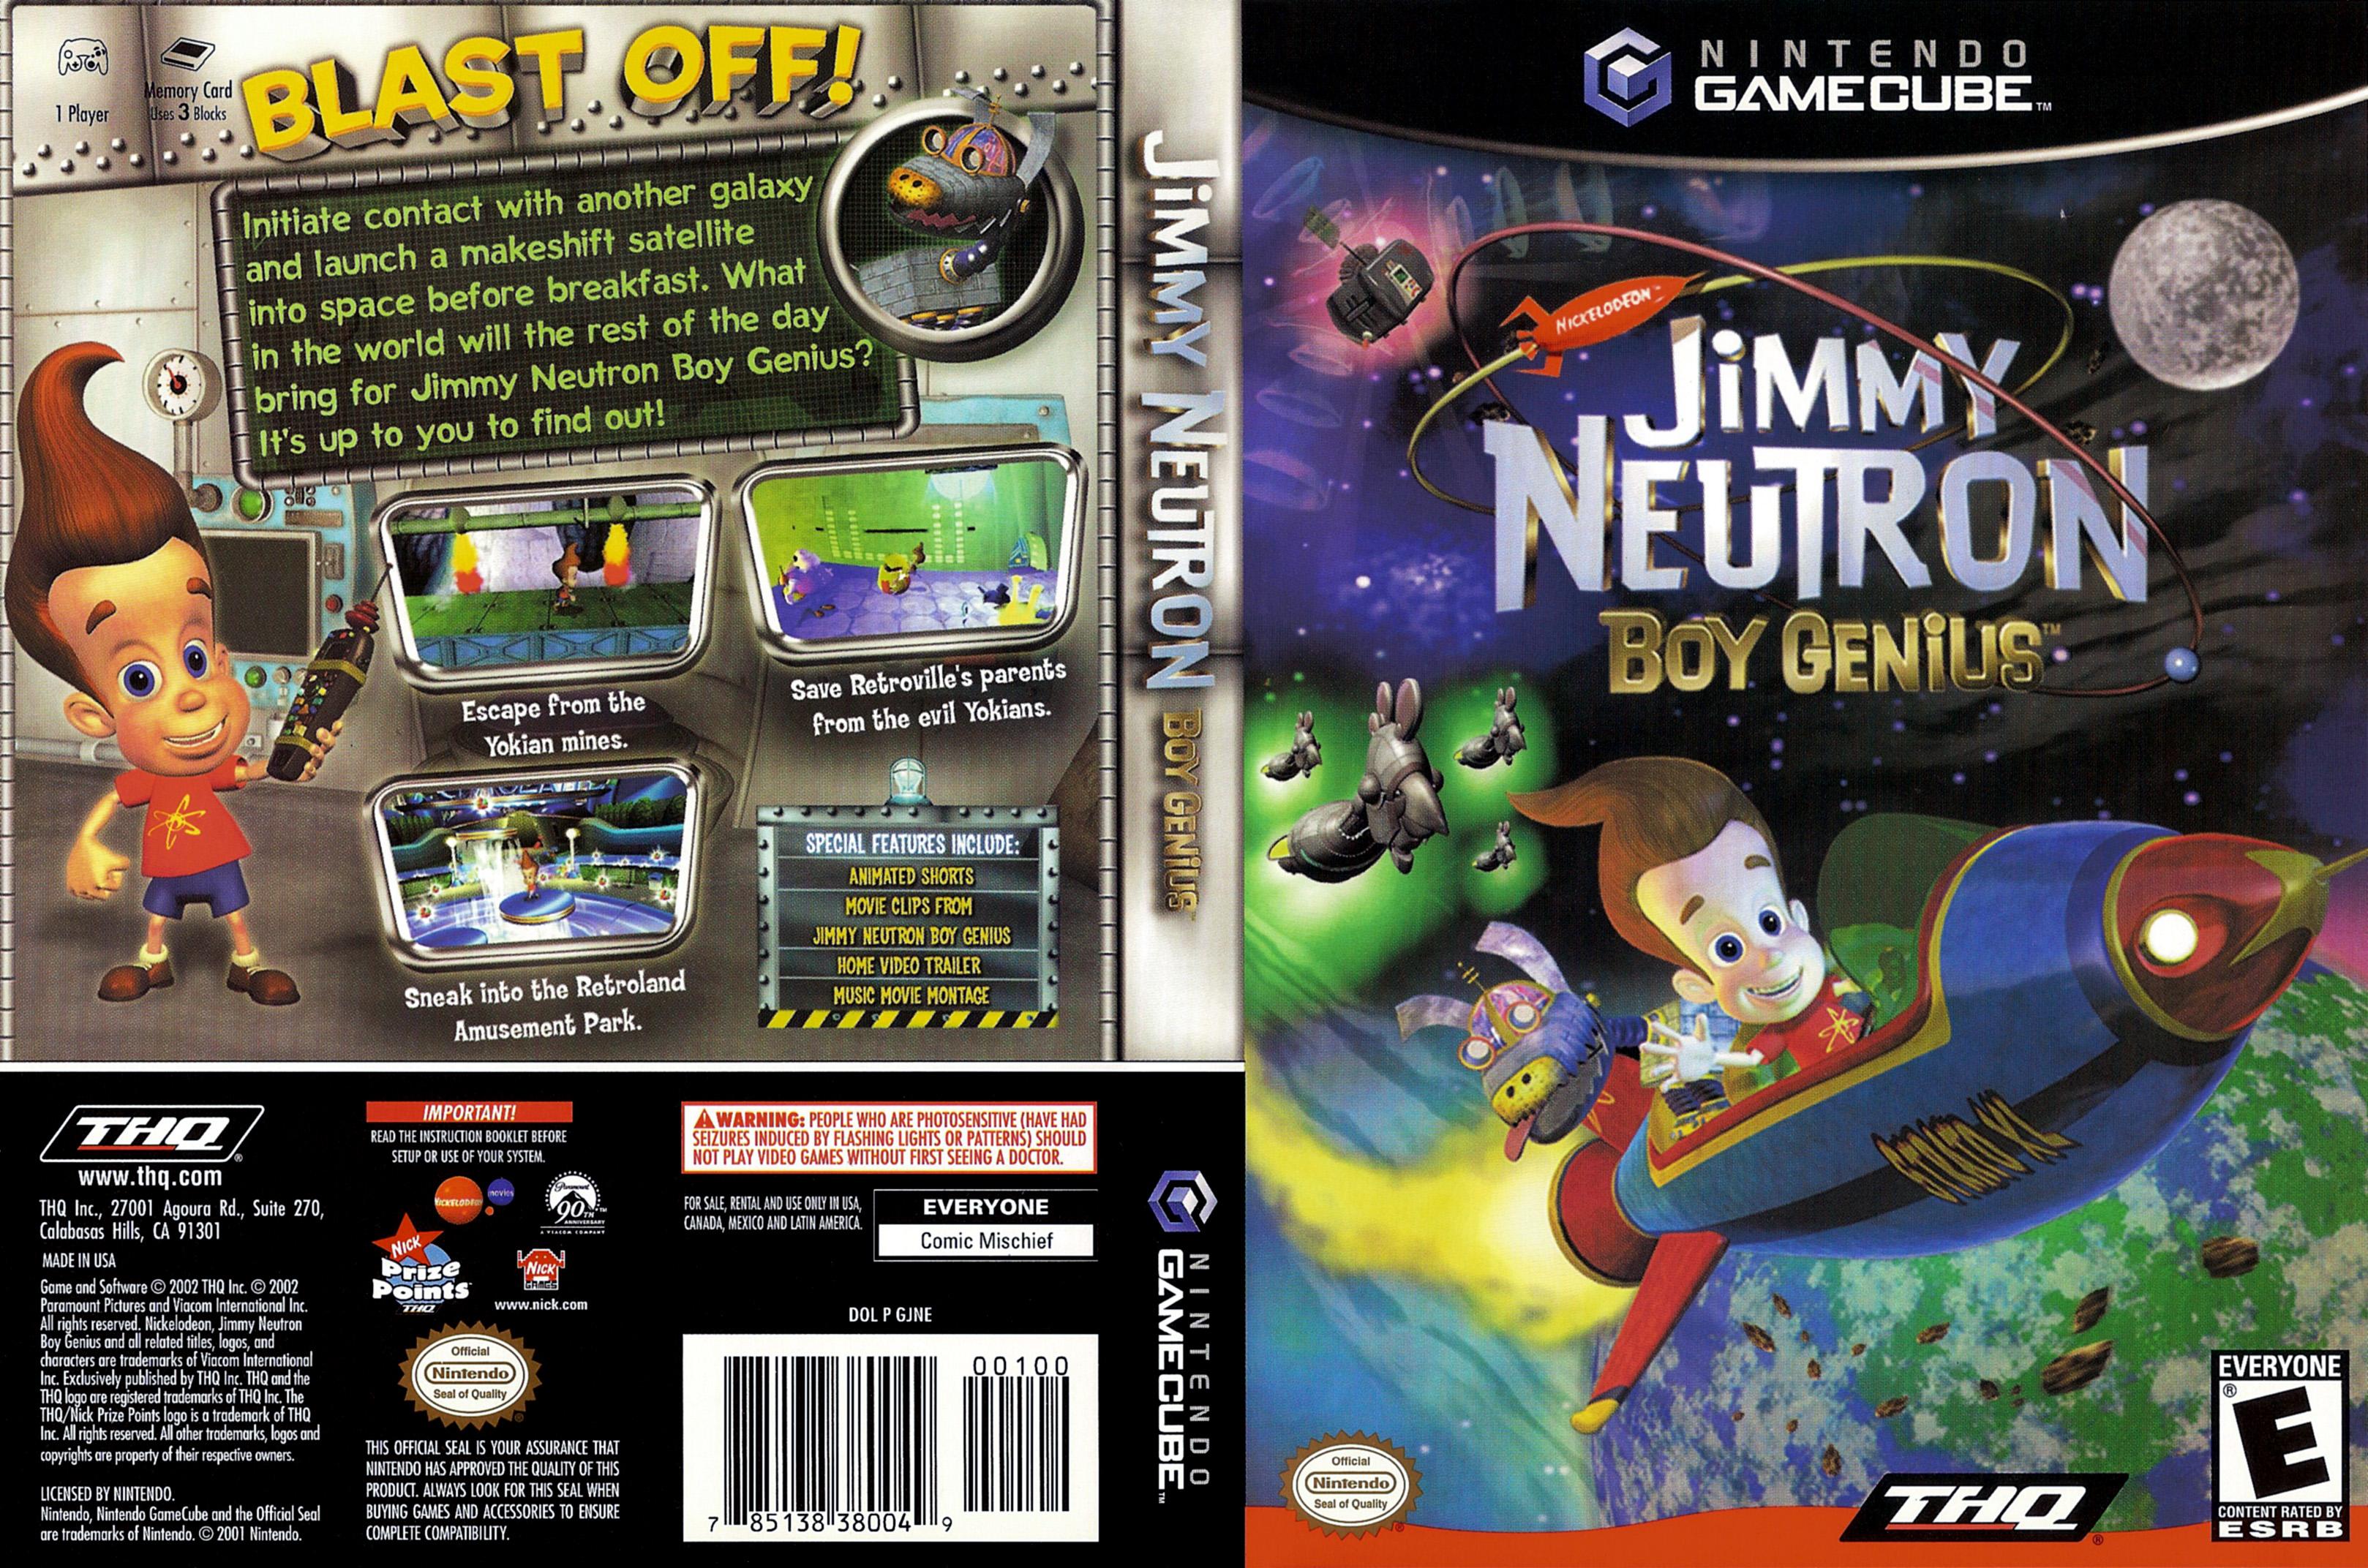 jimmy neutron boy genius iso gcn isos emuparadise